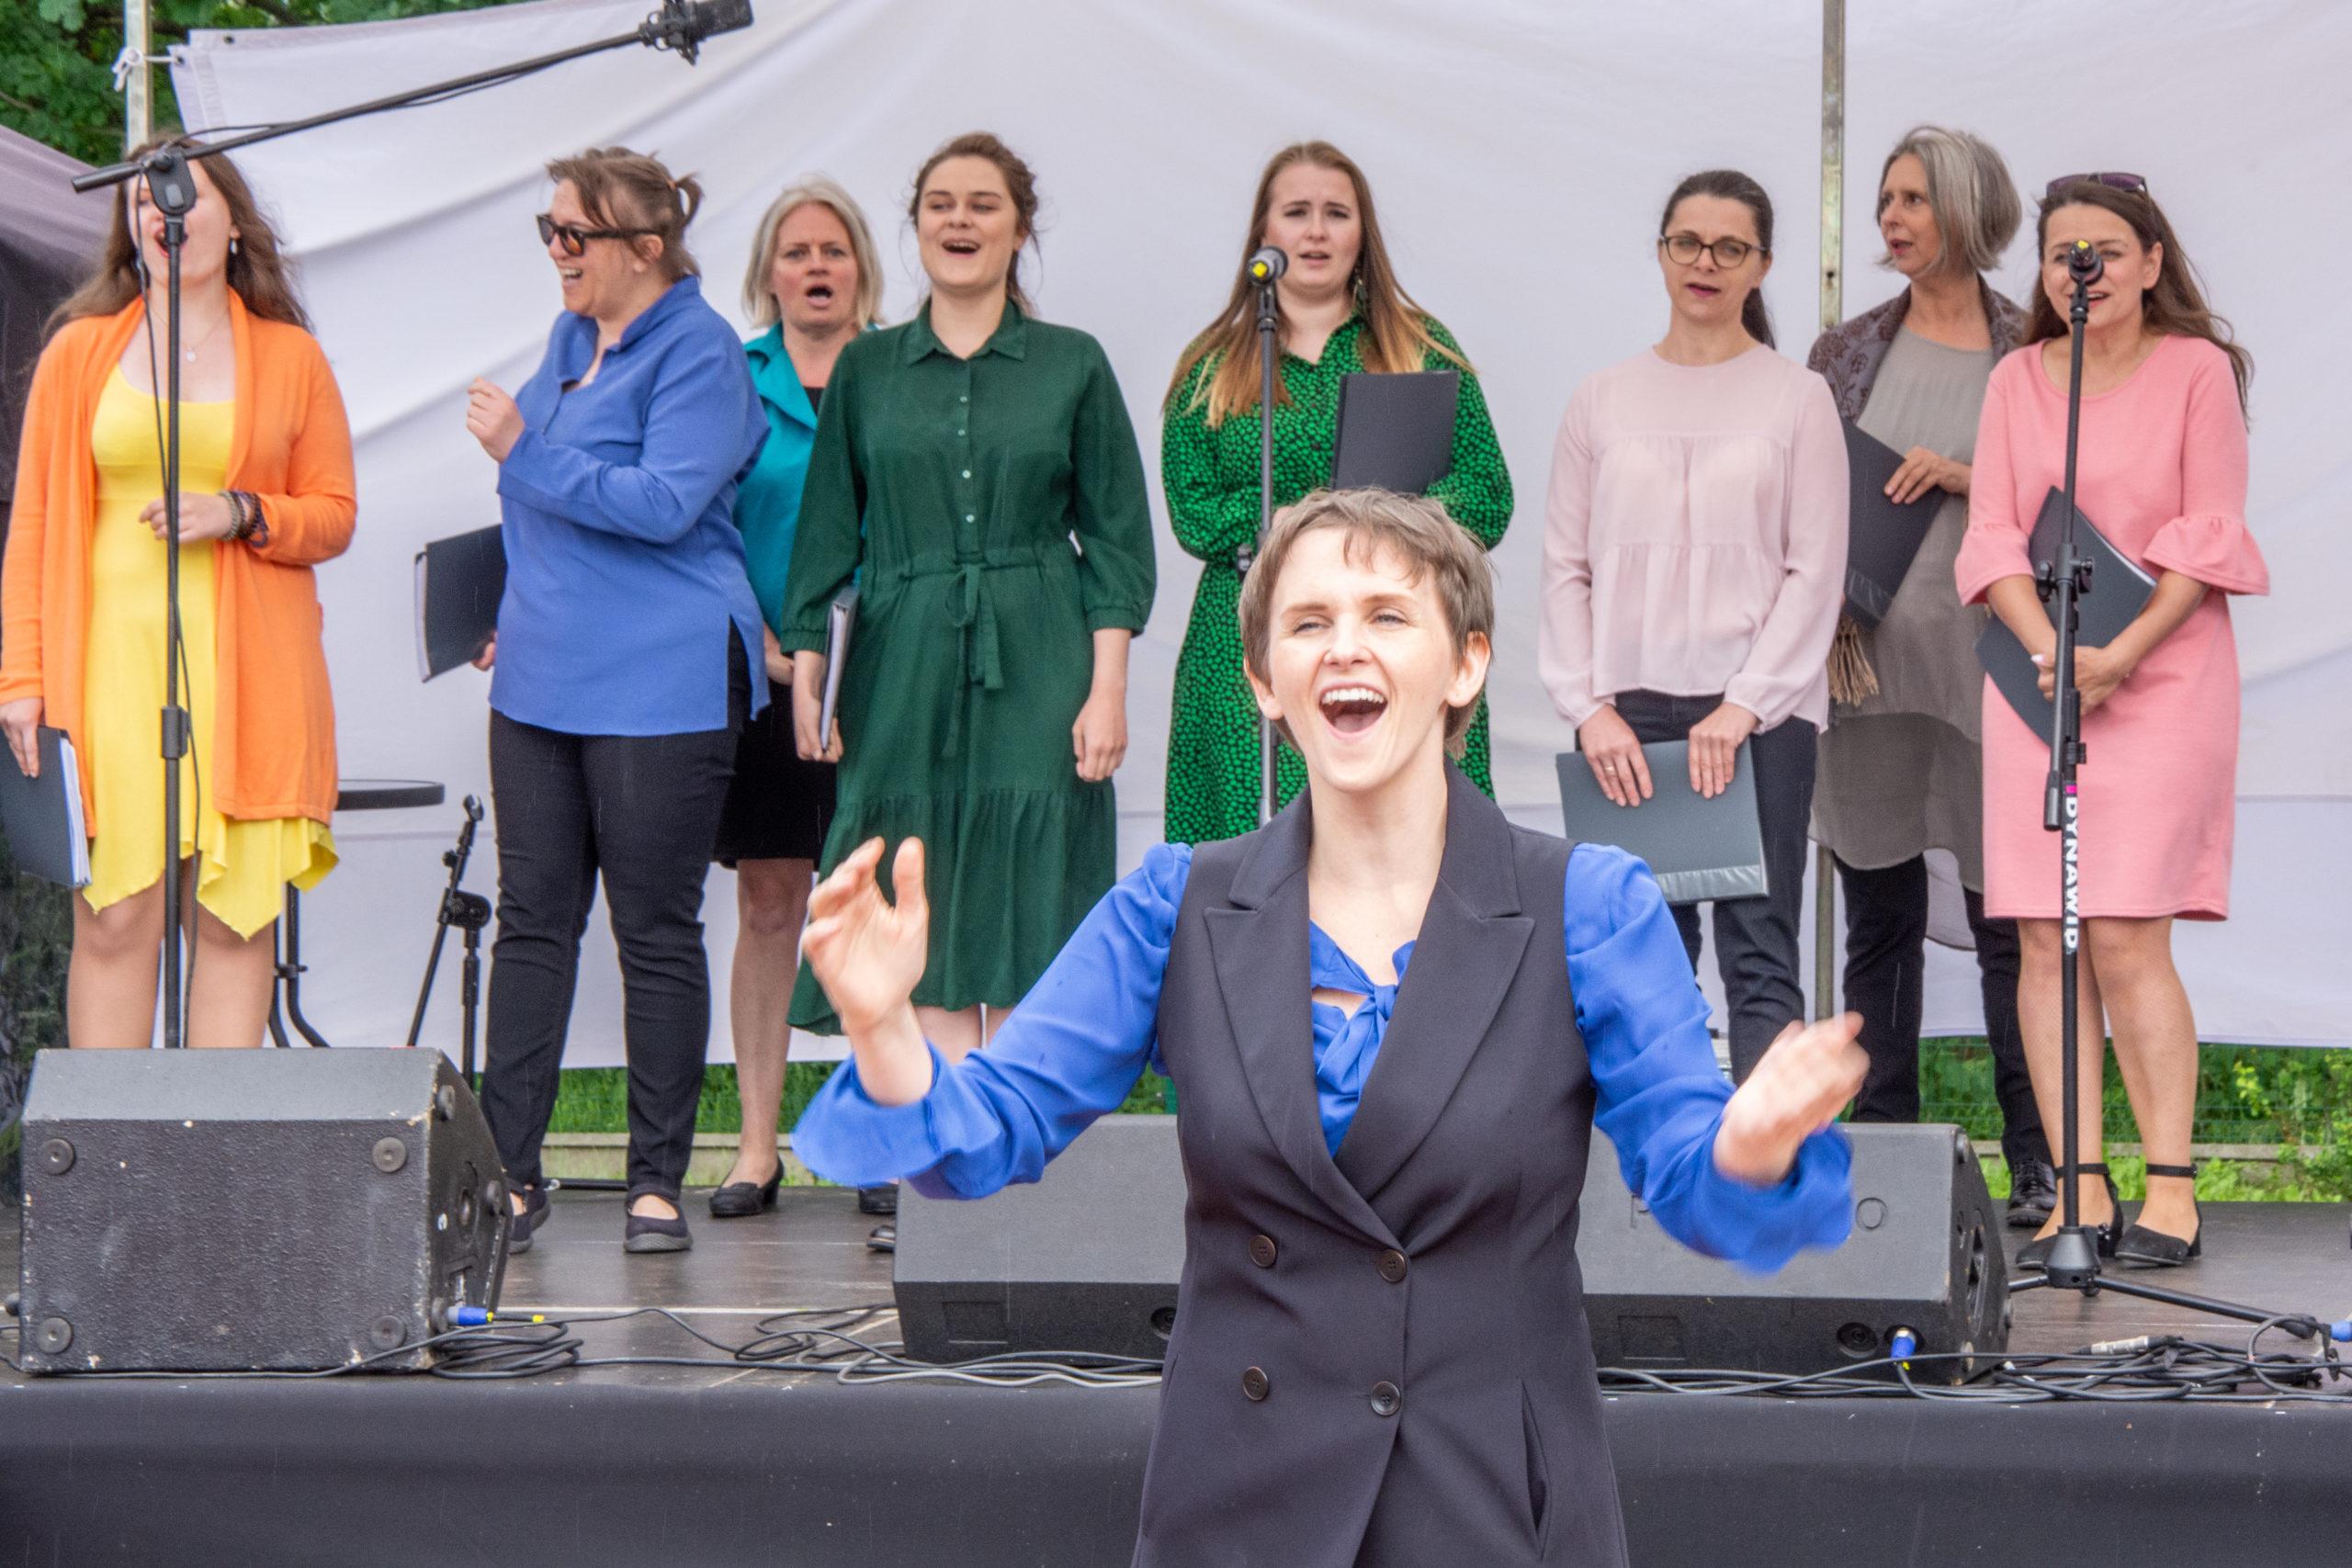 """Zlot foodtruck'ów, występ Marco Bocchino oraz koncert """"Hands up!"""", dmuchańce i muzyczne szaleństwo dla dzieci – to tylko kilka z wielu atrakcji WiązLove, które odbyły się 12 i 13 czerwca w Gminnym Parku Centrum w Wiązownie"""